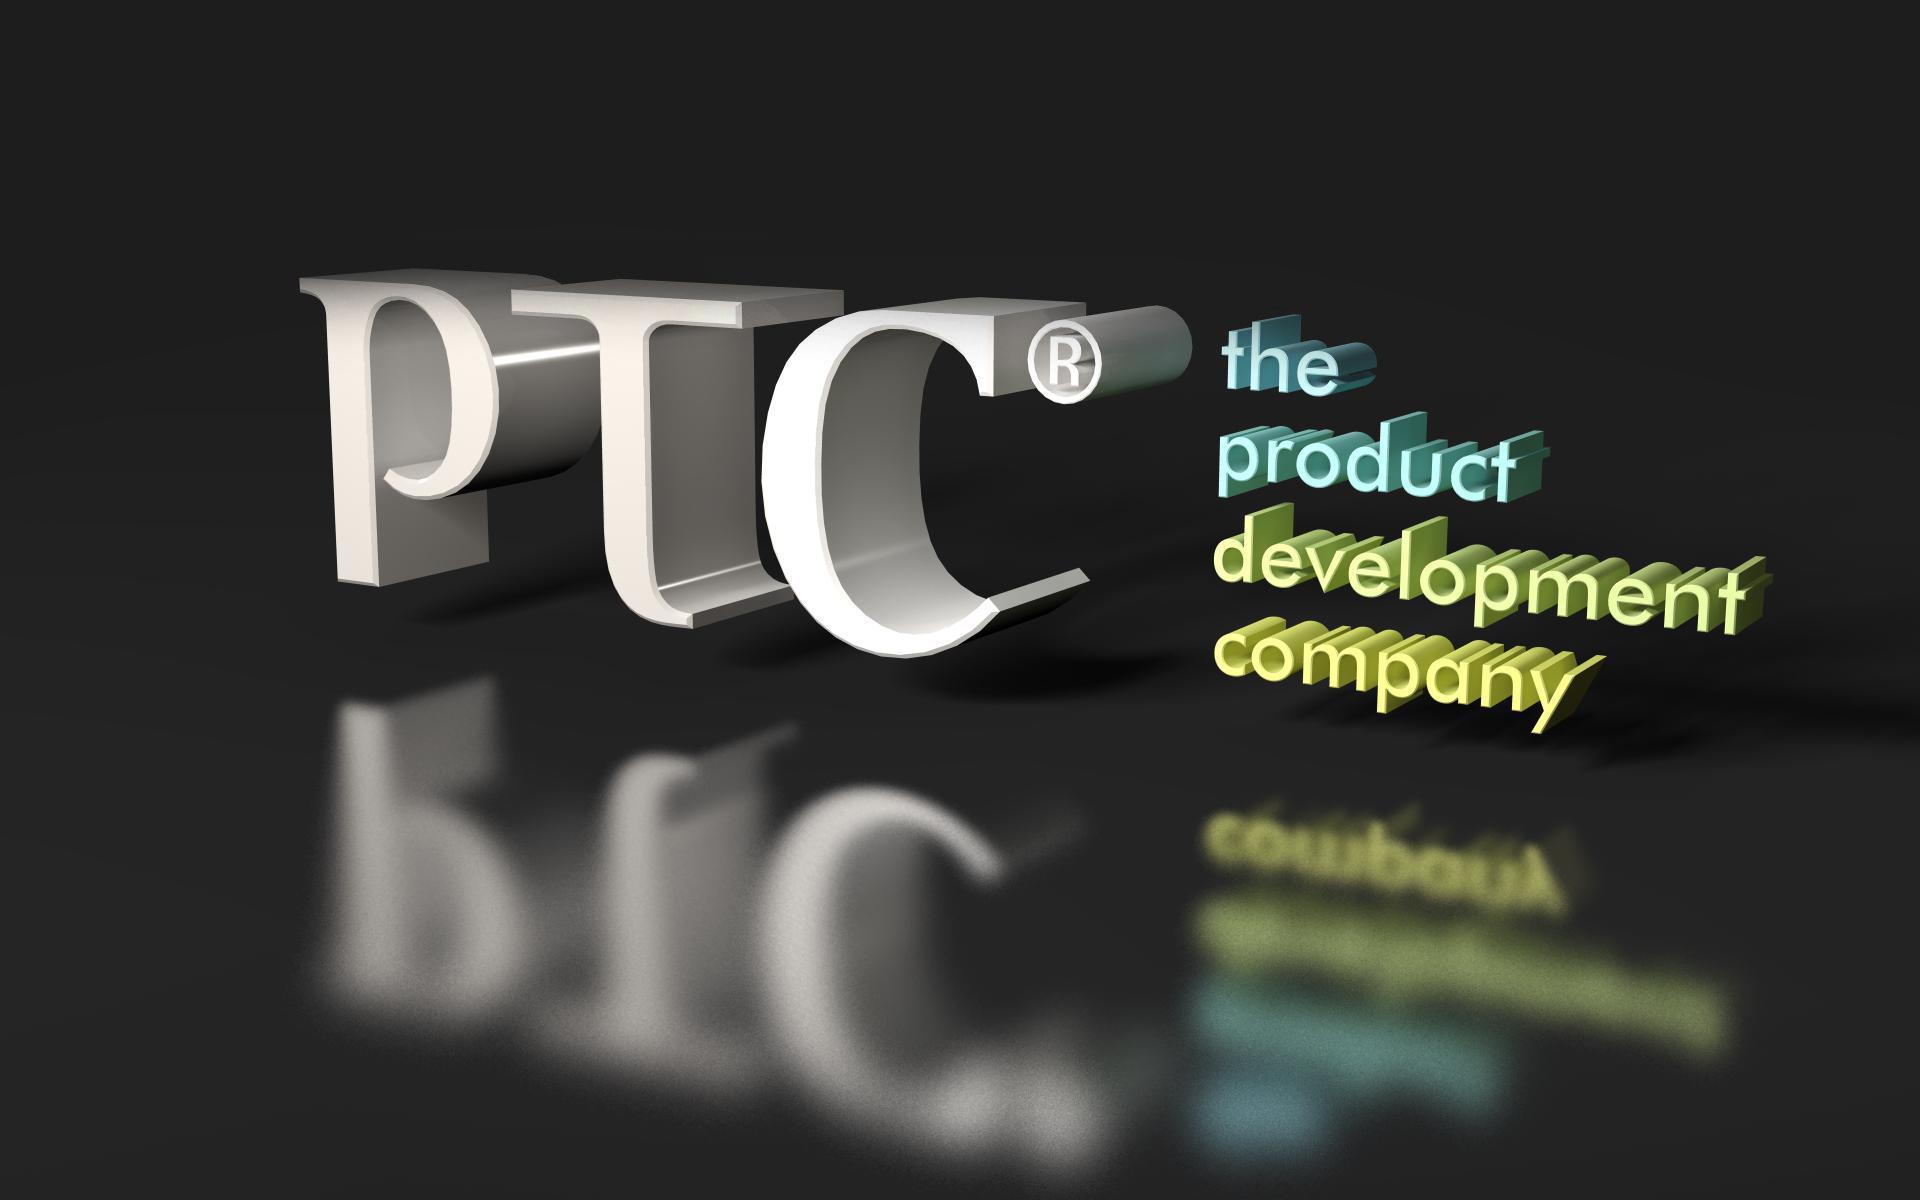 PTC_LOGO-TPDC-2.jpg